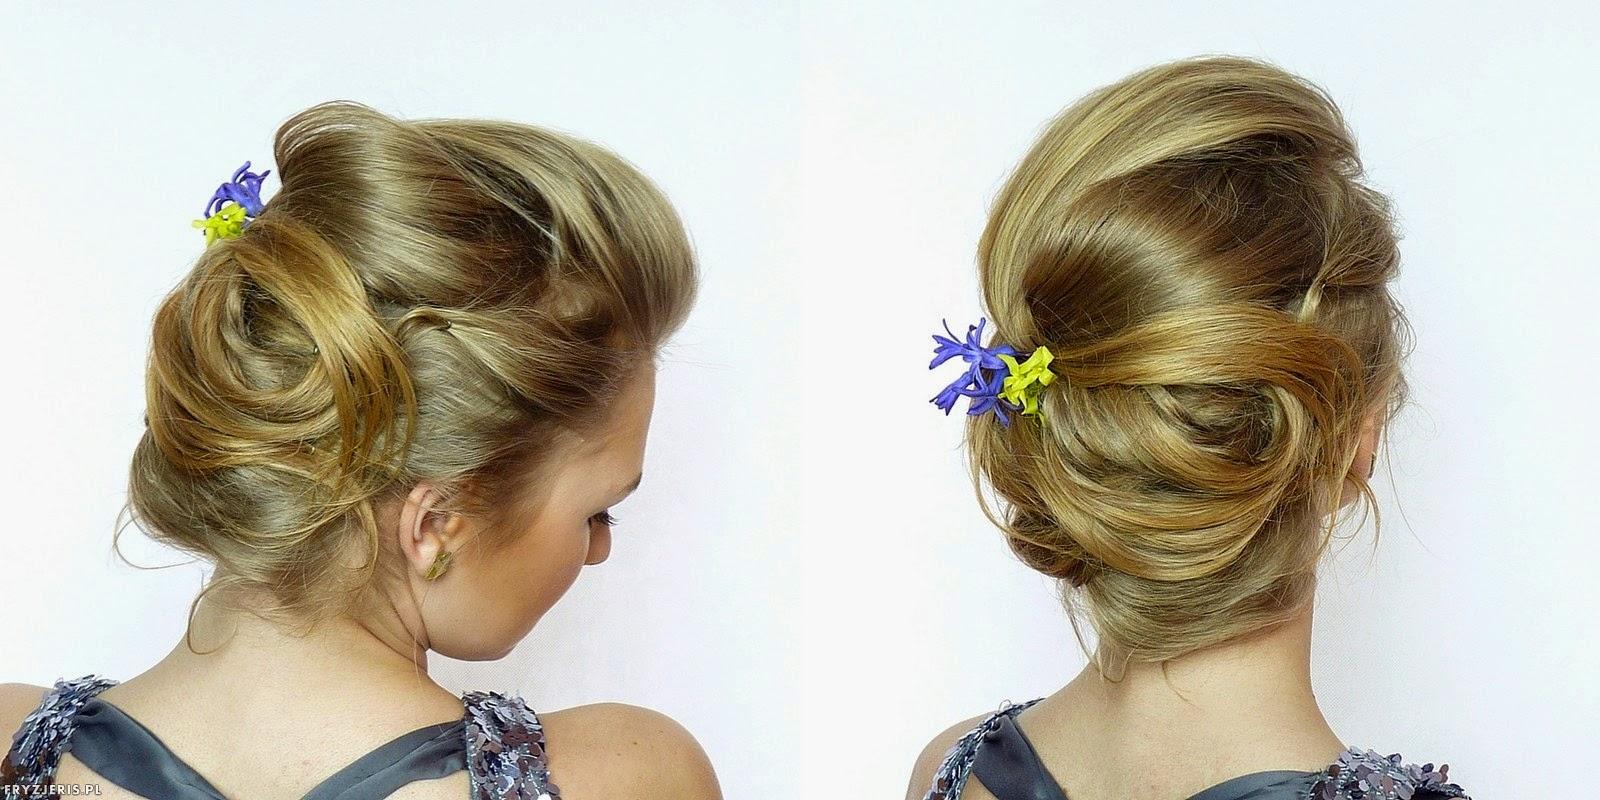 fryzury ślubne - upięcie z kwiatami 2